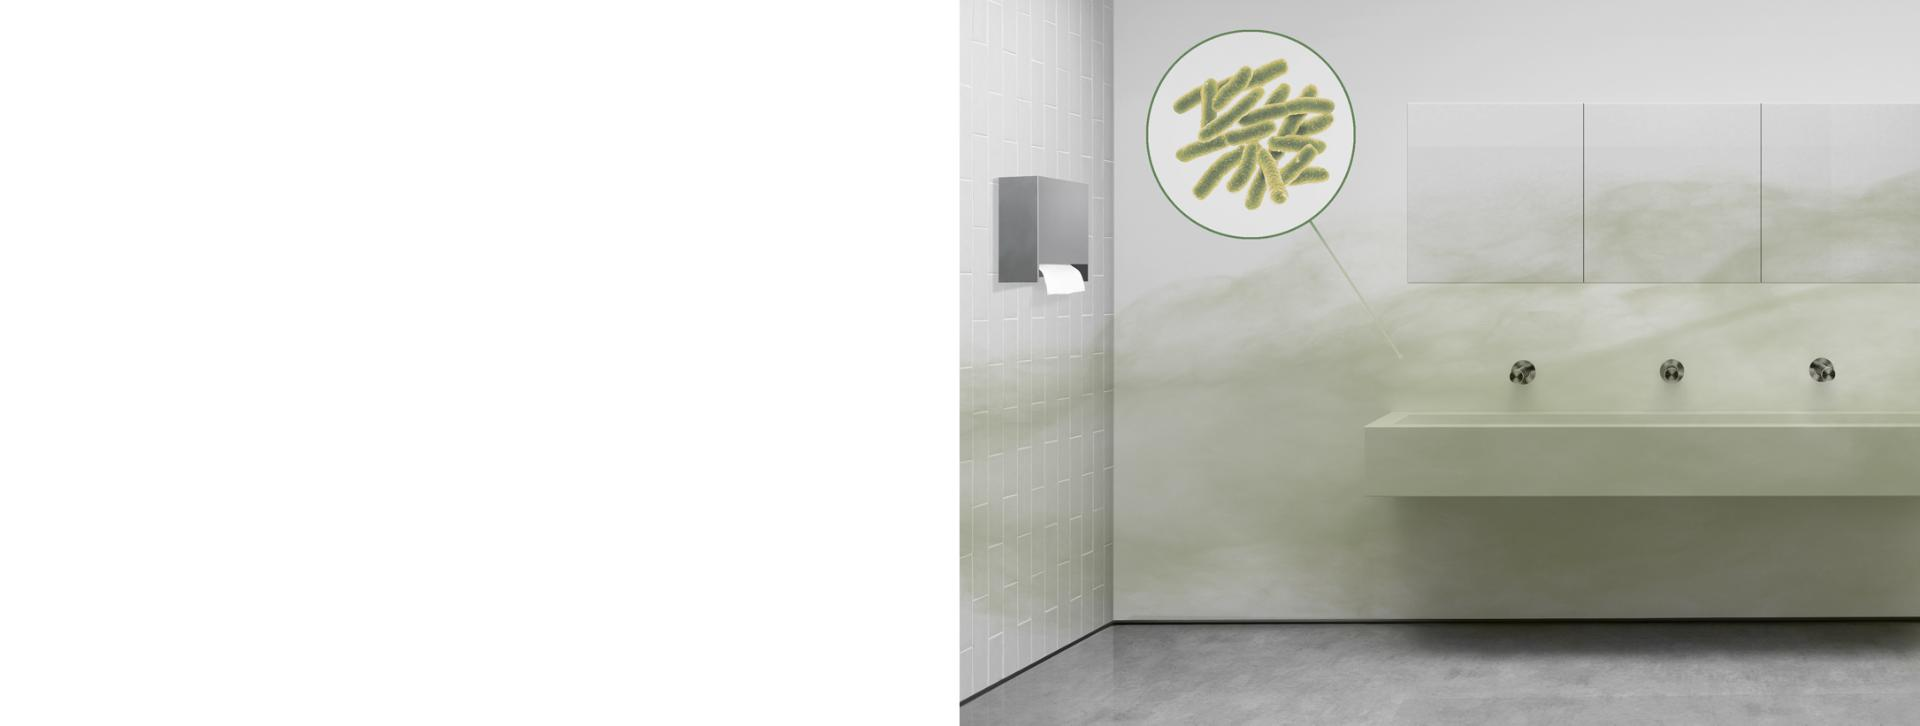 Una partícula bacteriana dentro de un baño